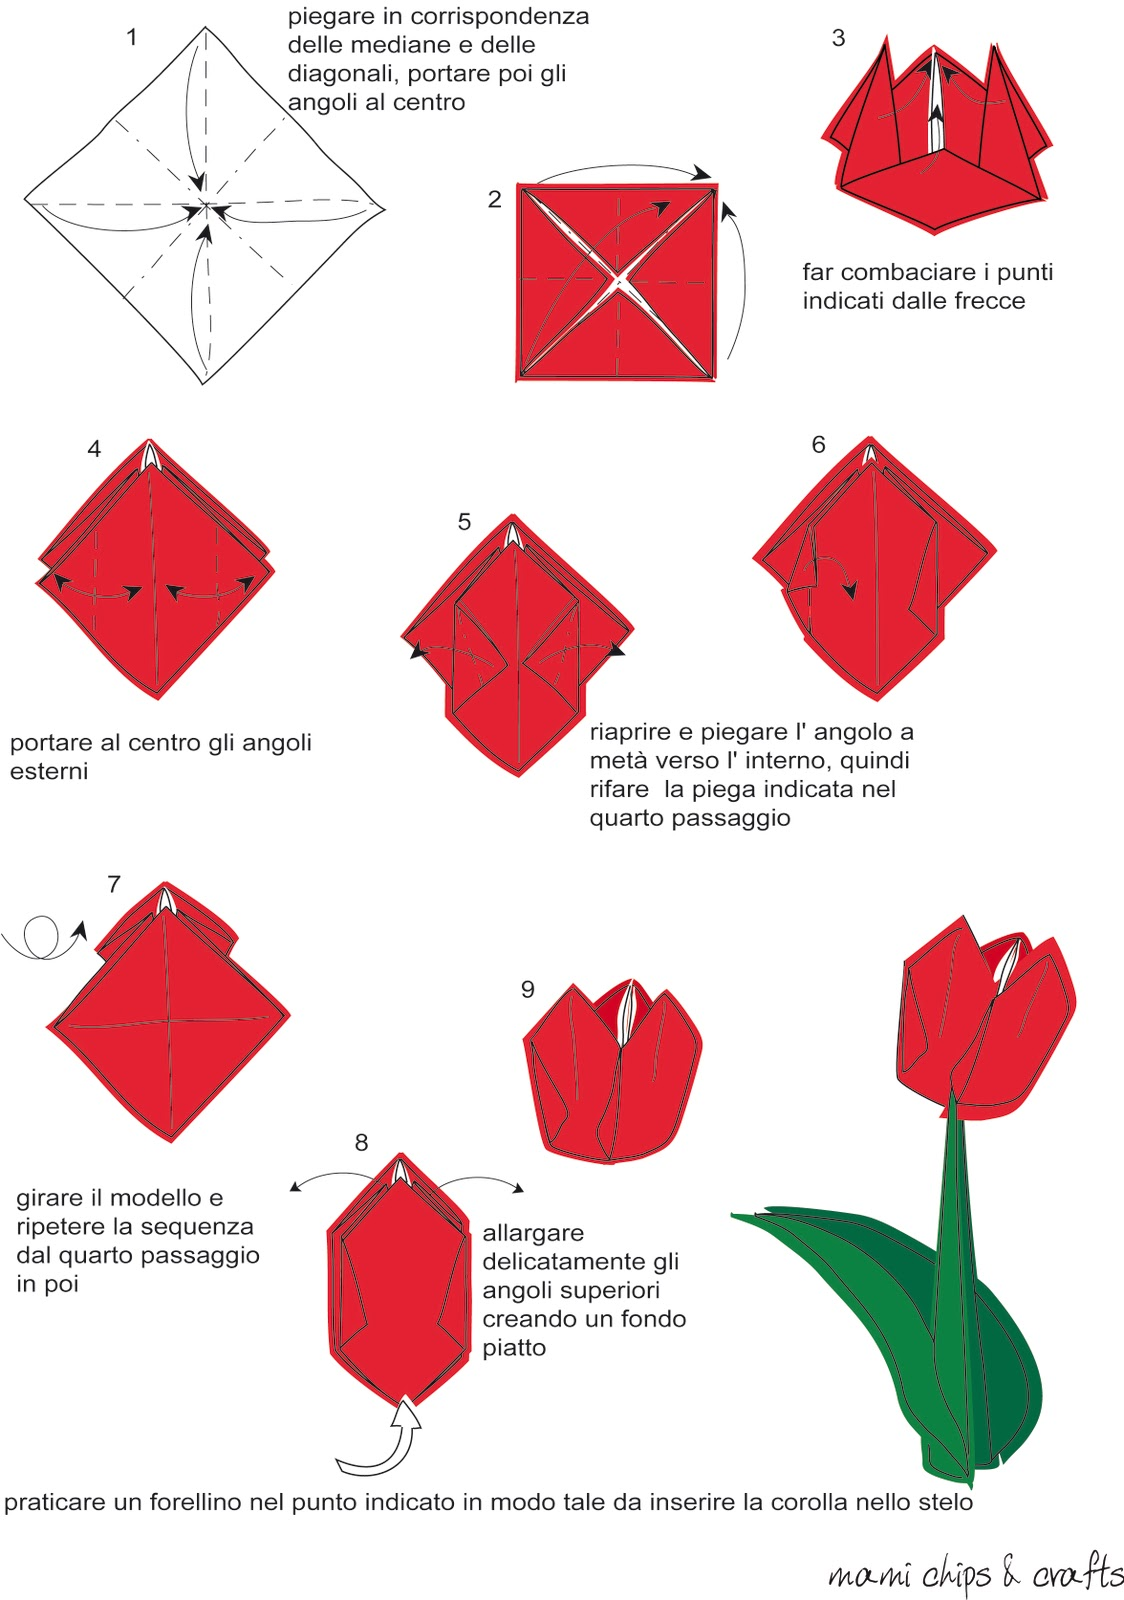 Как сделать тюльпан оригами маме к 8 марта? Схема 17